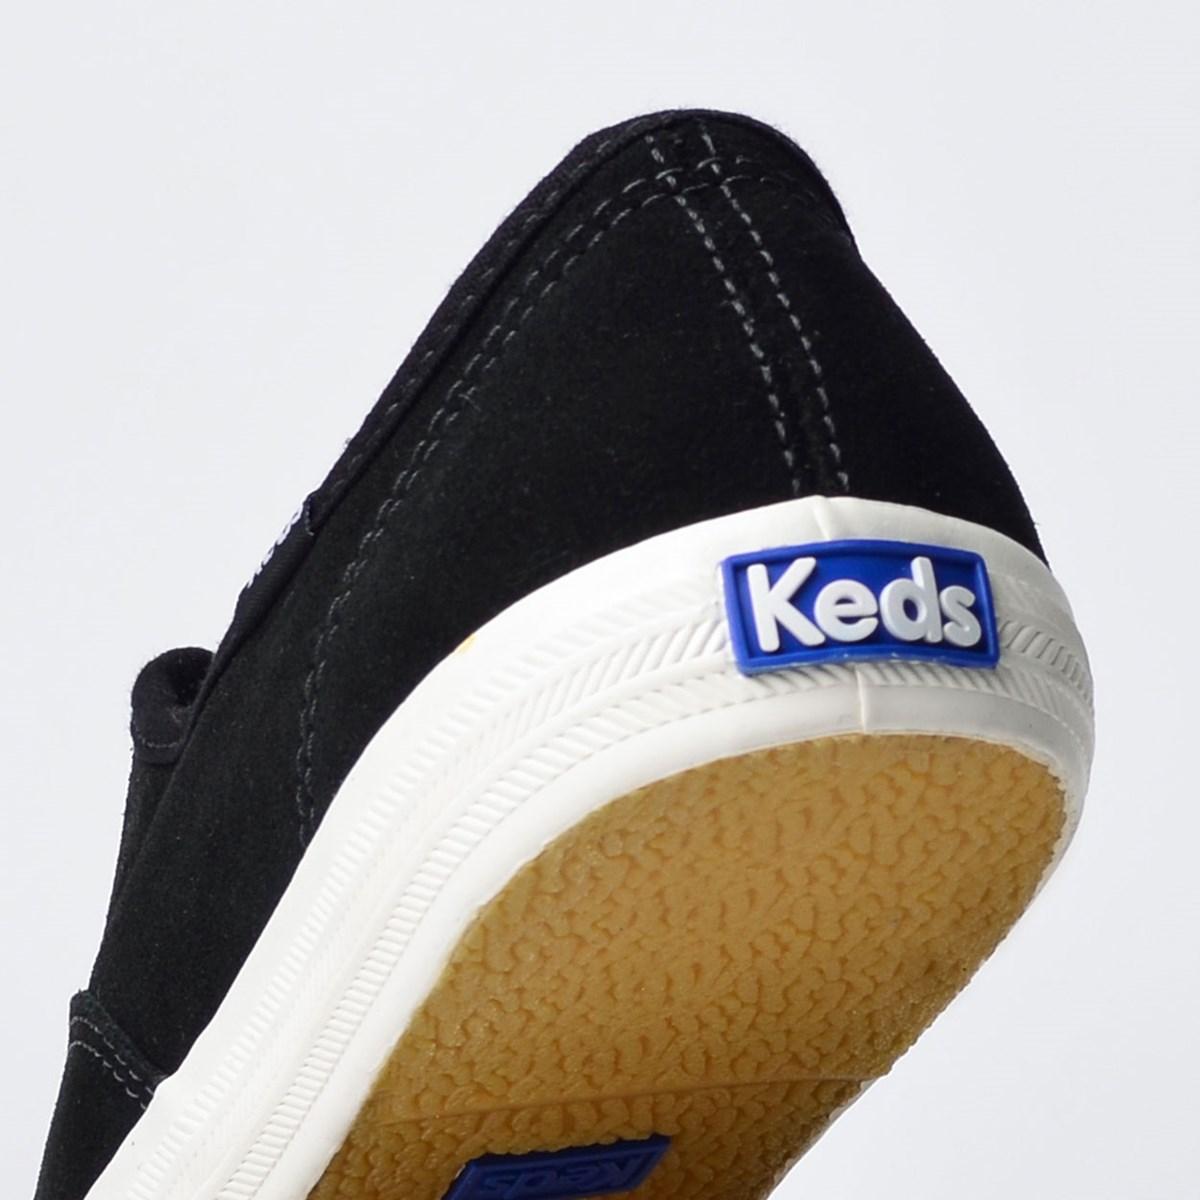 Tênis Keds Champion Suede Preto Branco KD265143